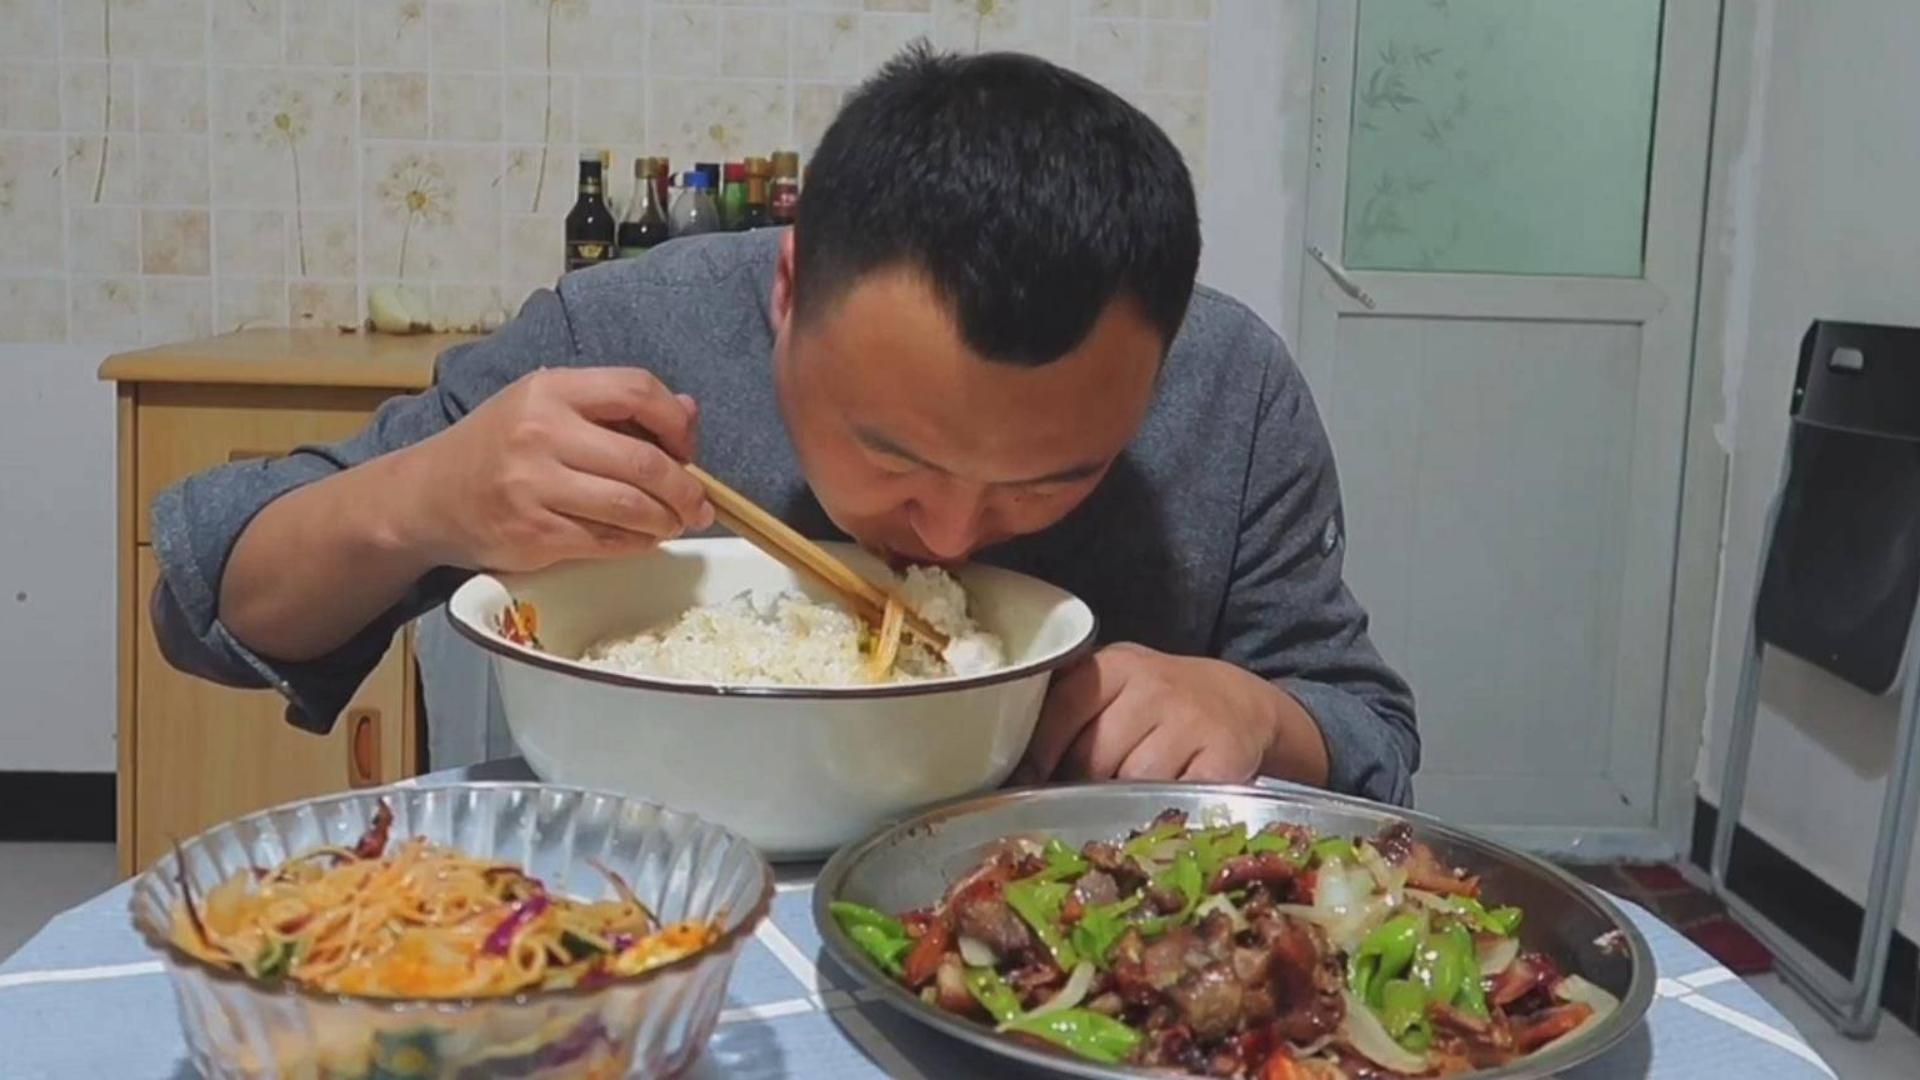 一斤猪头肉炒一斤辣椒,配一斤米饭、阿强一顿狂吃,过瘾